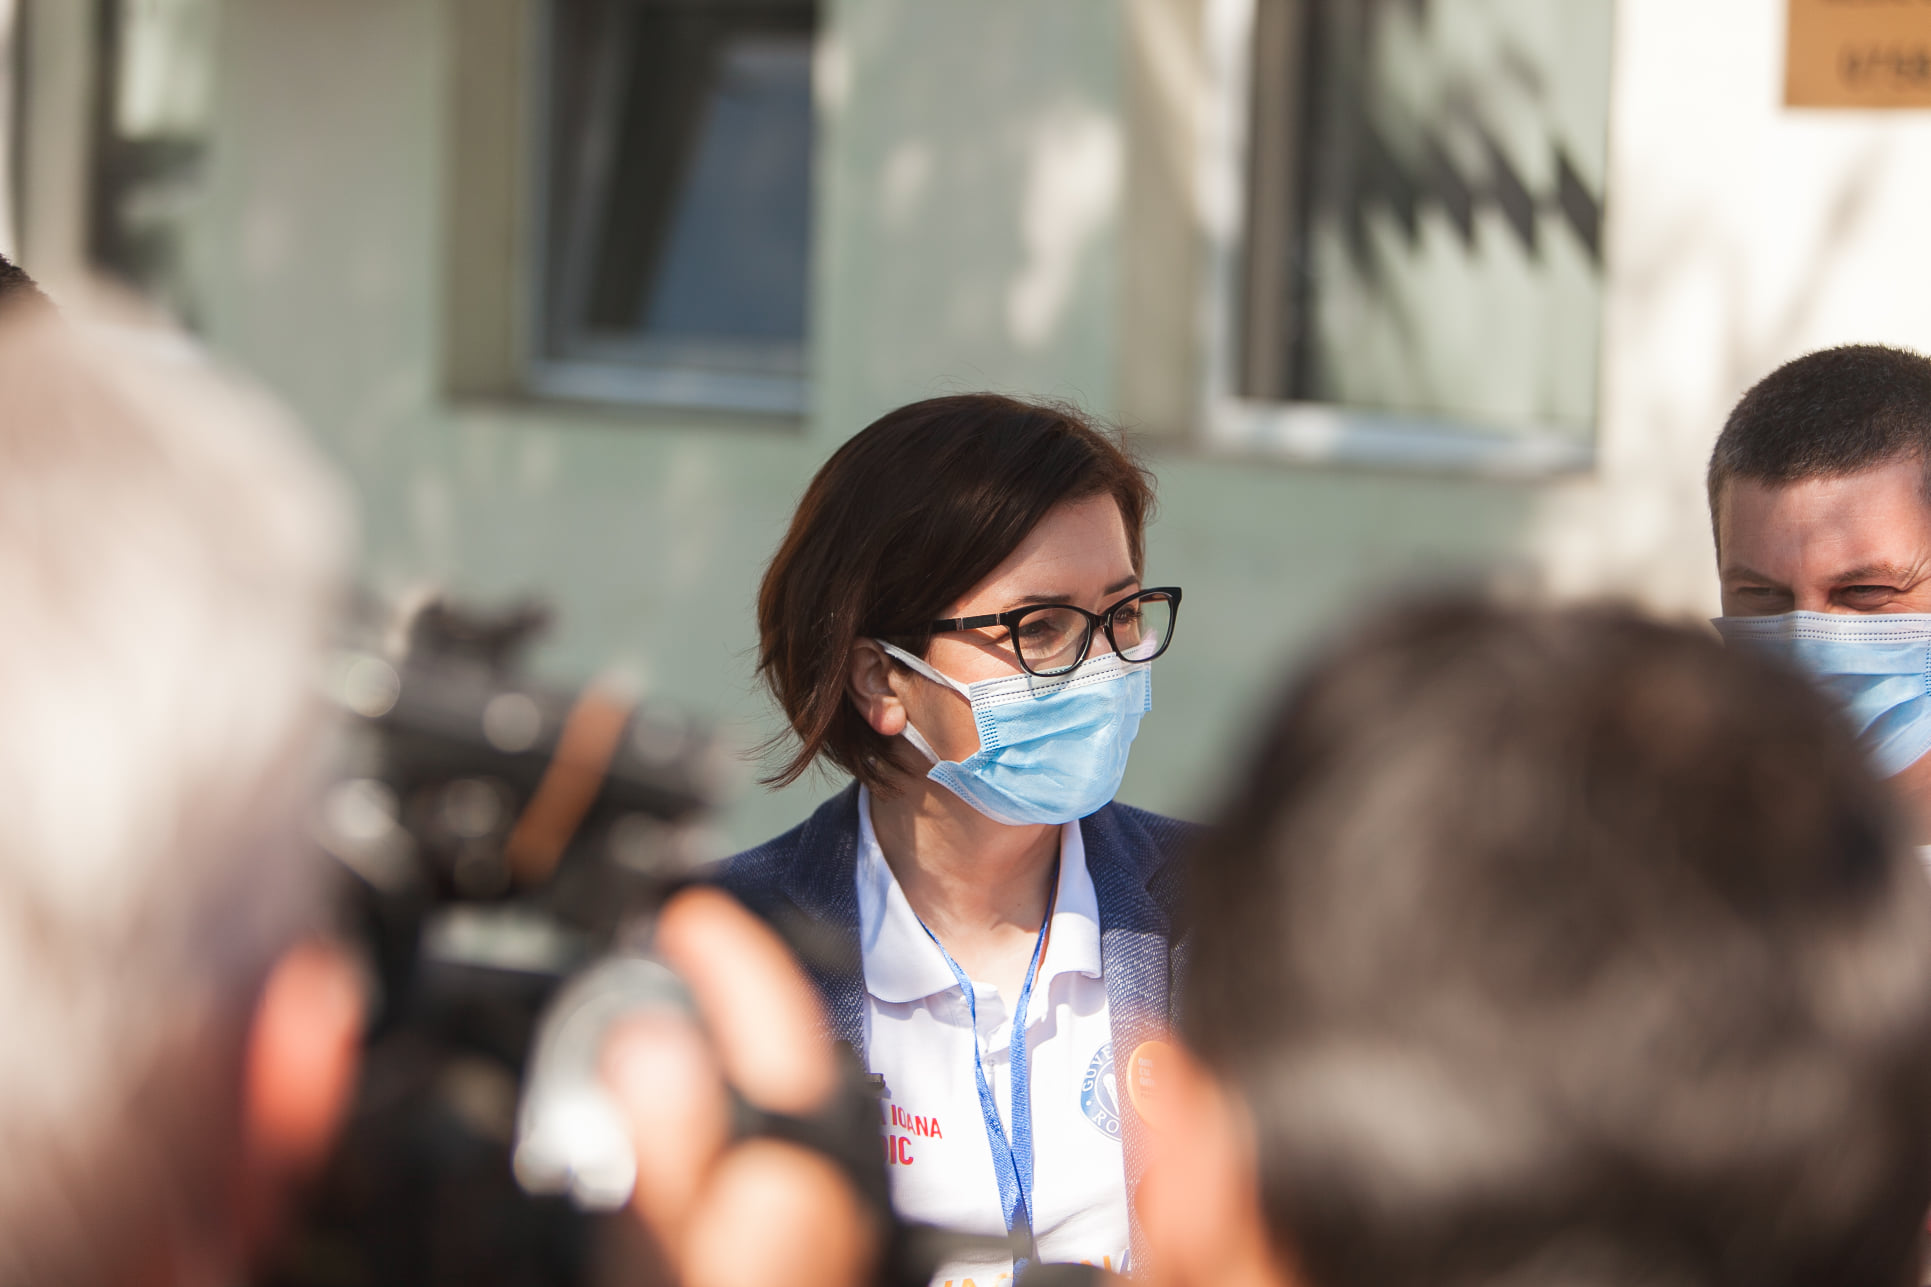 Ministrul Sănătății răspunde acuzațiilor lui Cîțu: Ştia încă din aprilie că banii alocaţi ministerului nu sunt suficienți